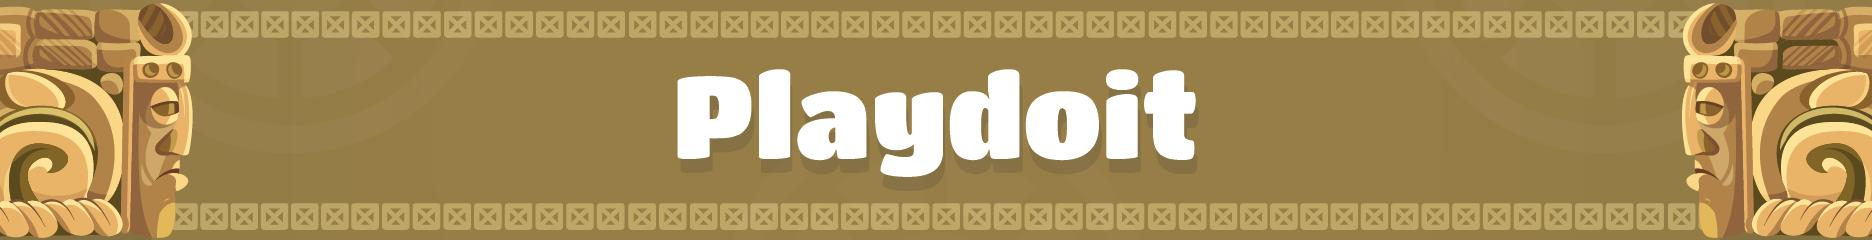 playdoit casino